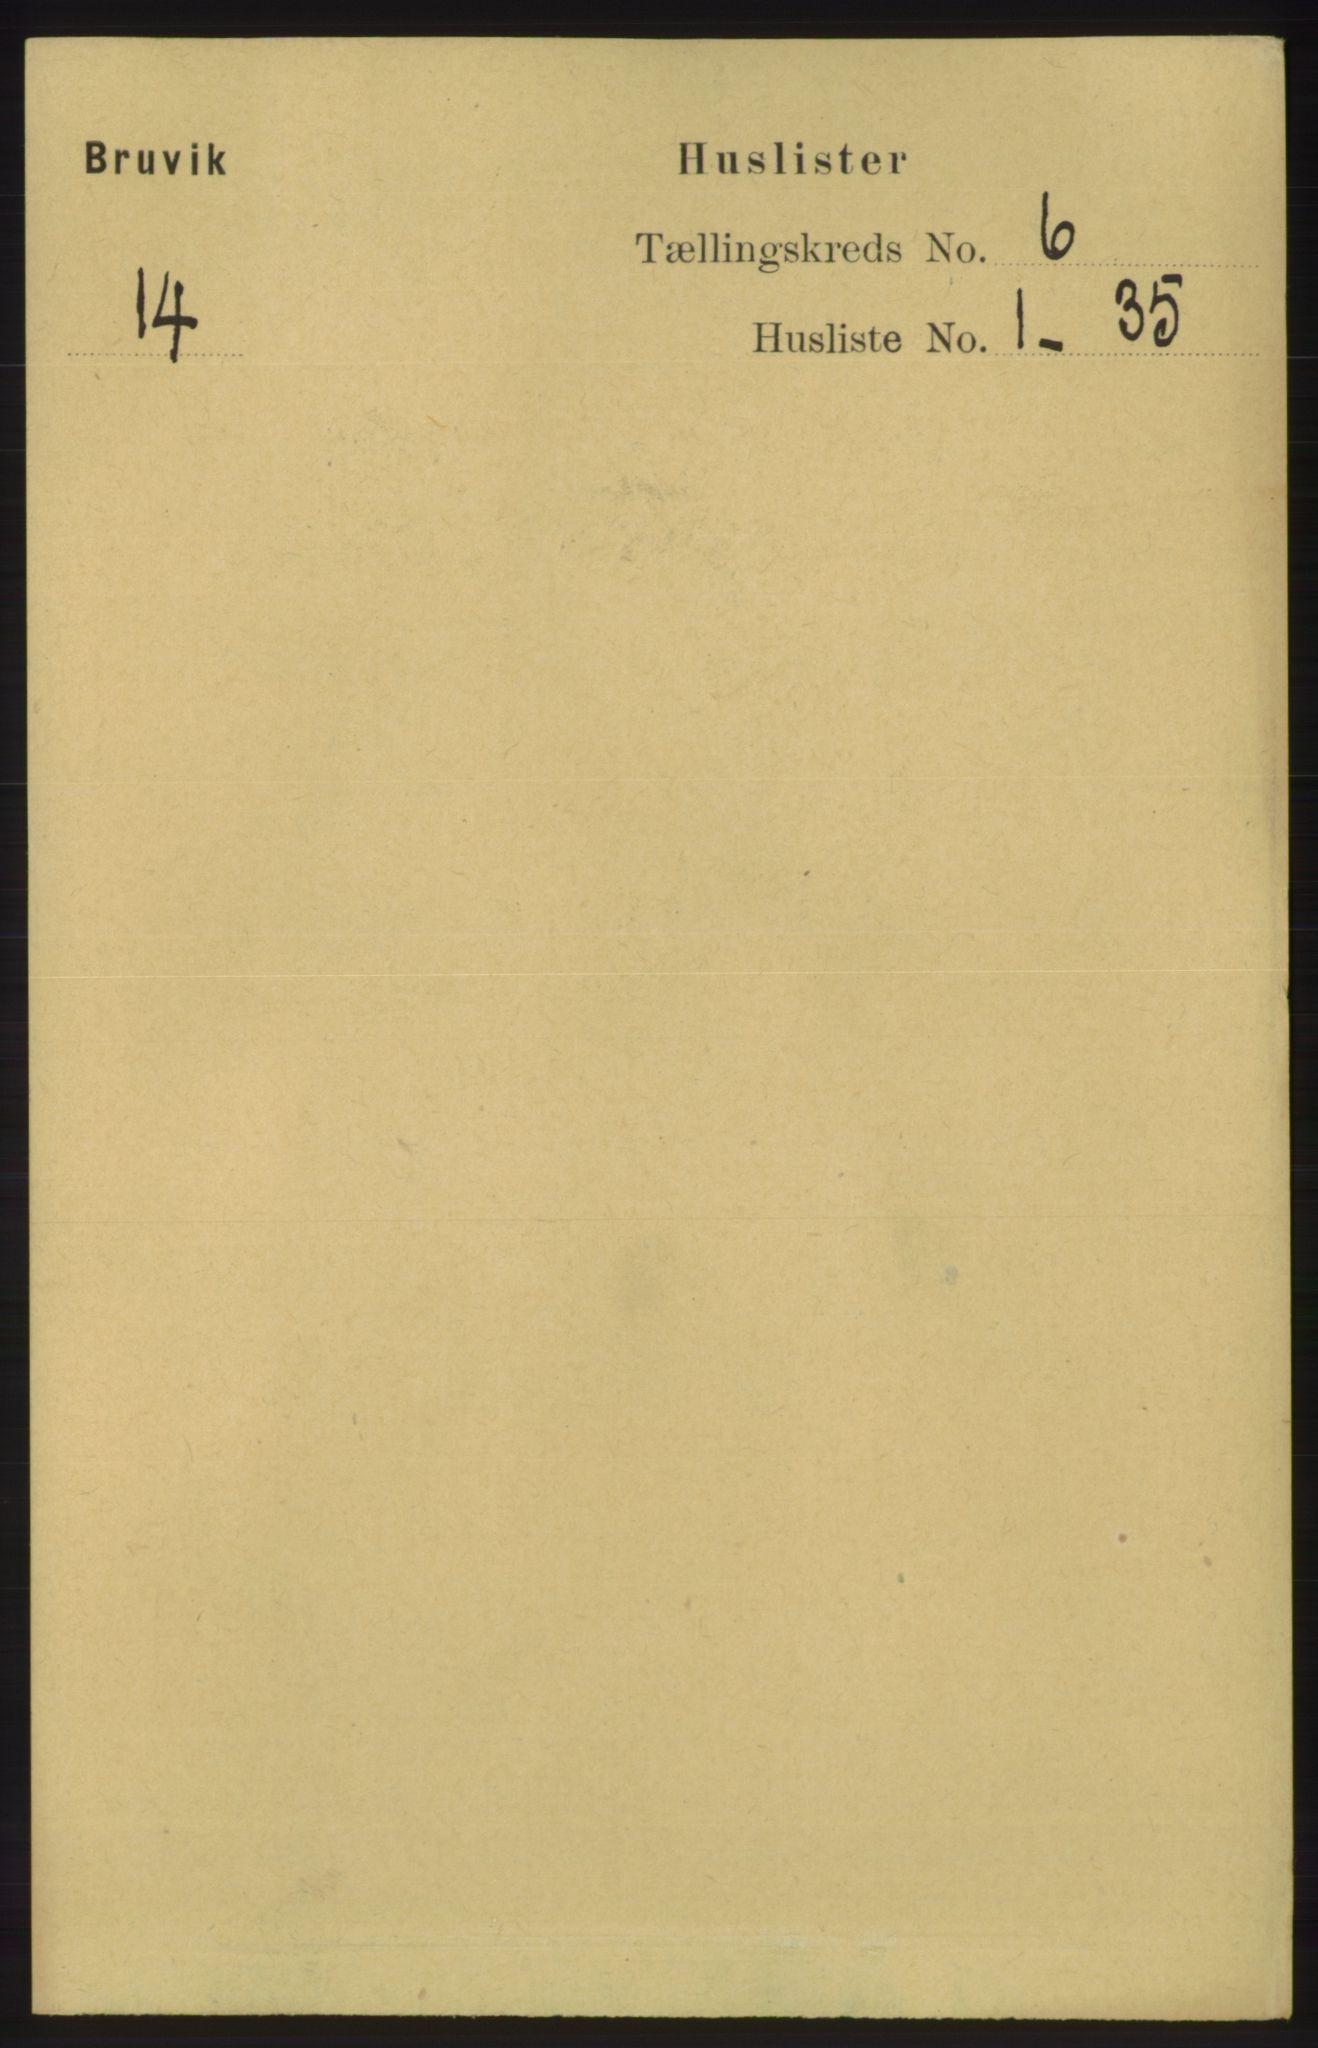 RA, Folketelling 1891 for 1251 Bruvik herred, 1891, s. 1727